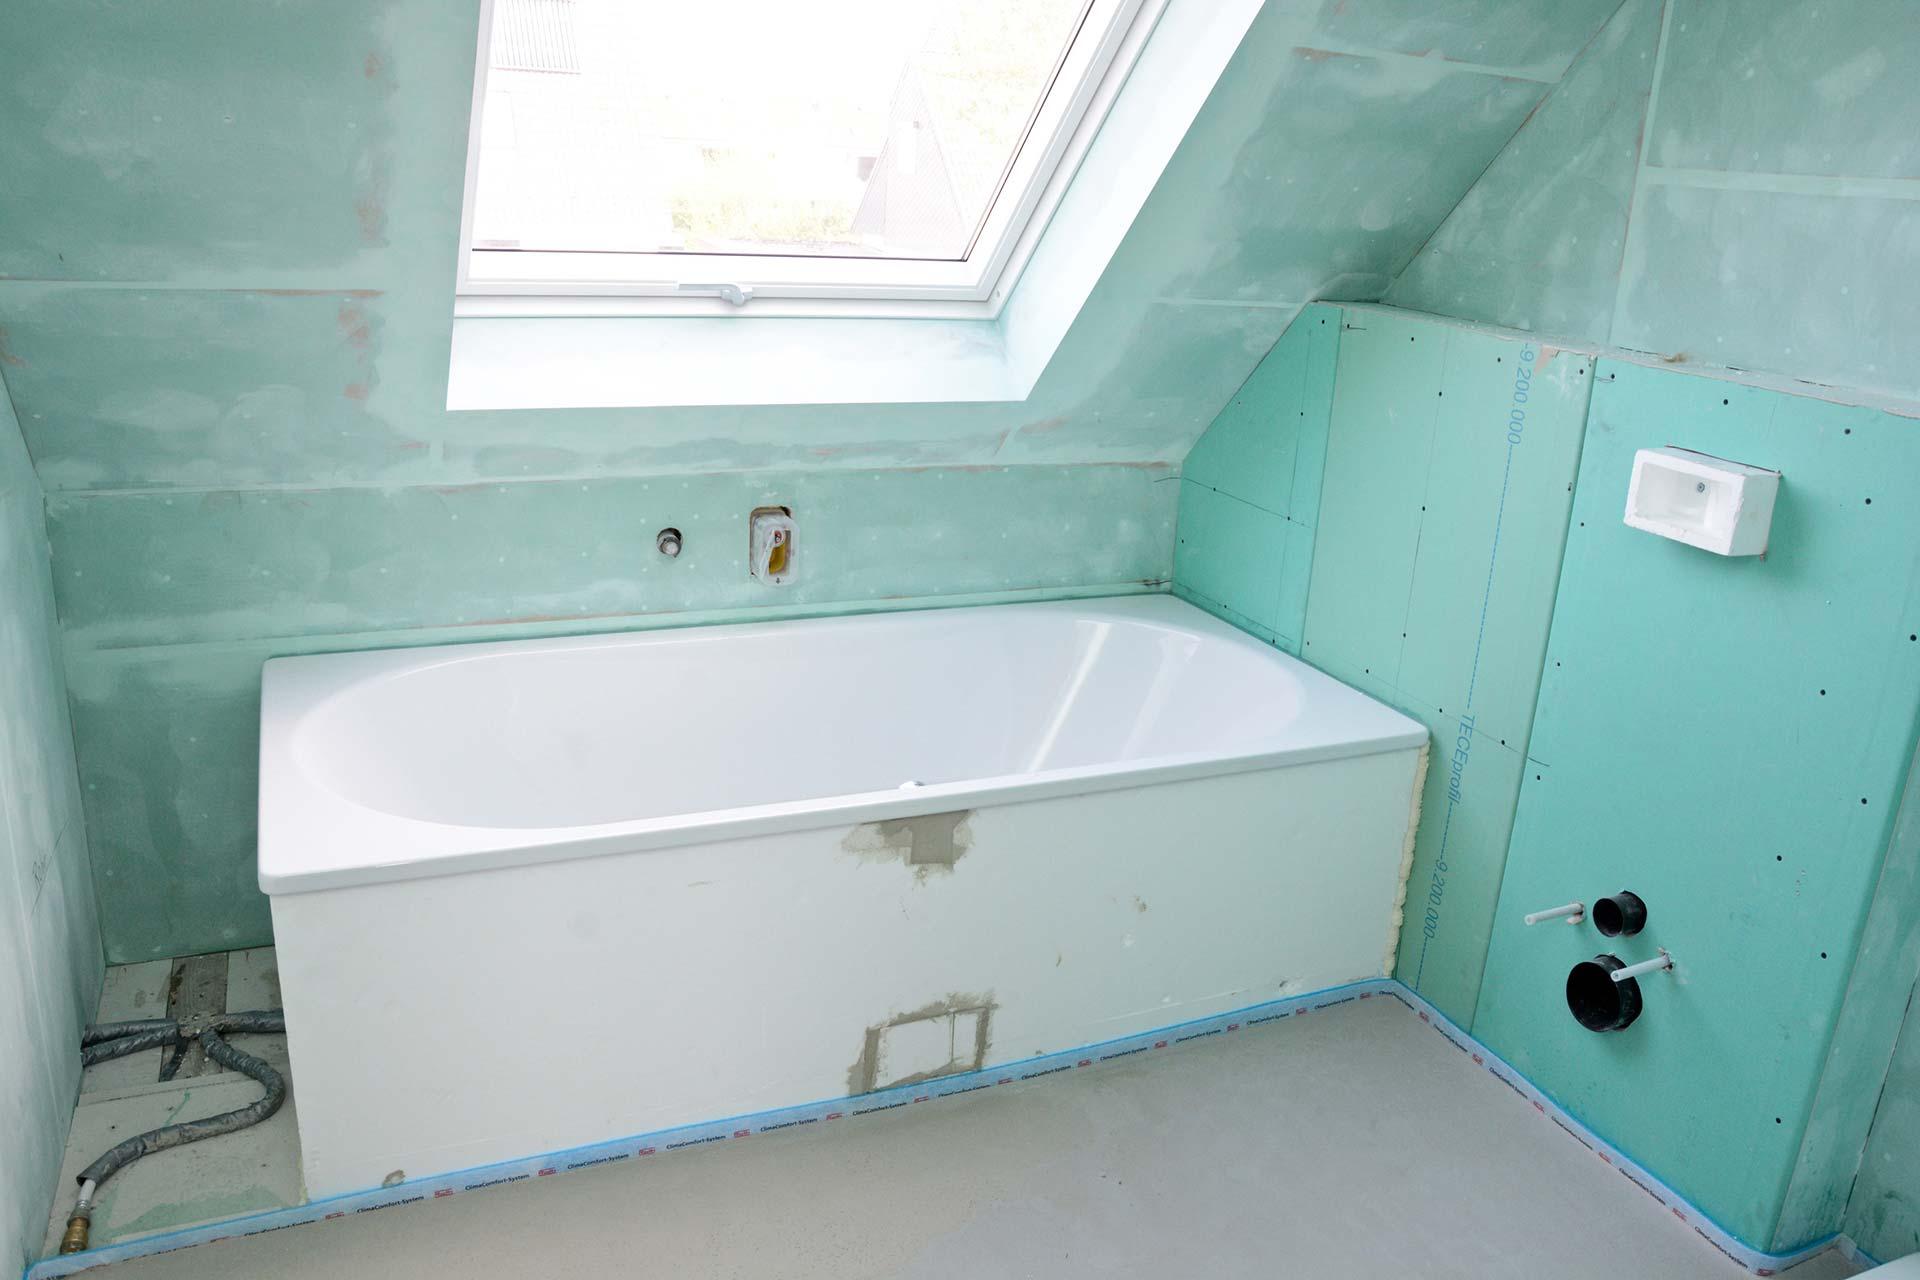 badsanierung und badneubau ganz individuell planen. Black Bedroom Furniture Sets. Home Design Ideas